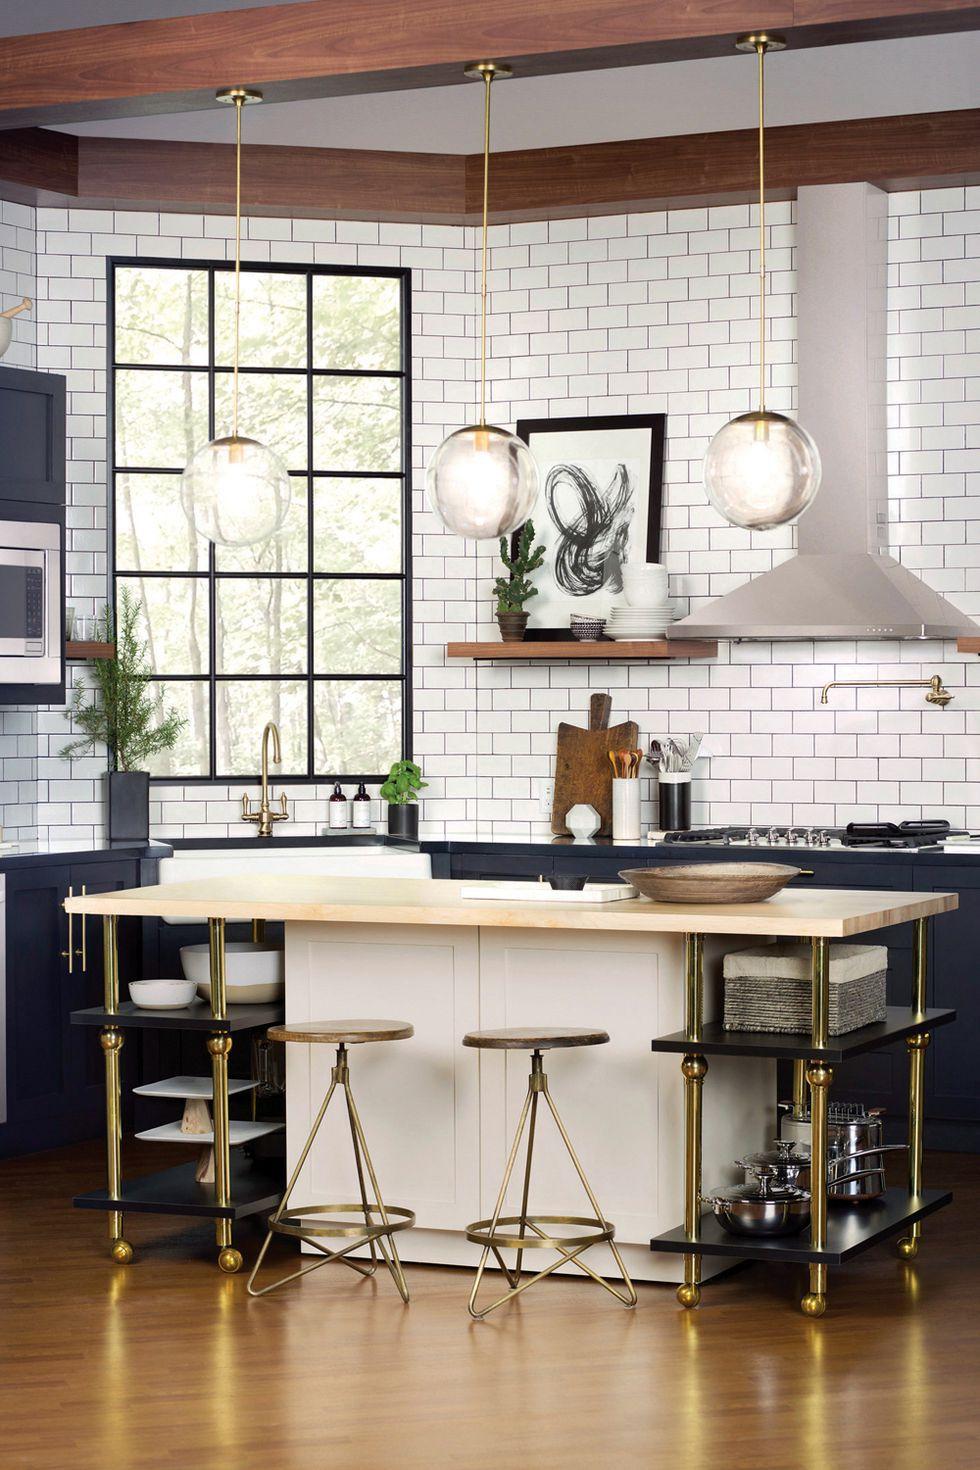 7-Inspirasi-Dapur-Terlihat-Klasik-dengan-Hitam-dan-Putih-ubin